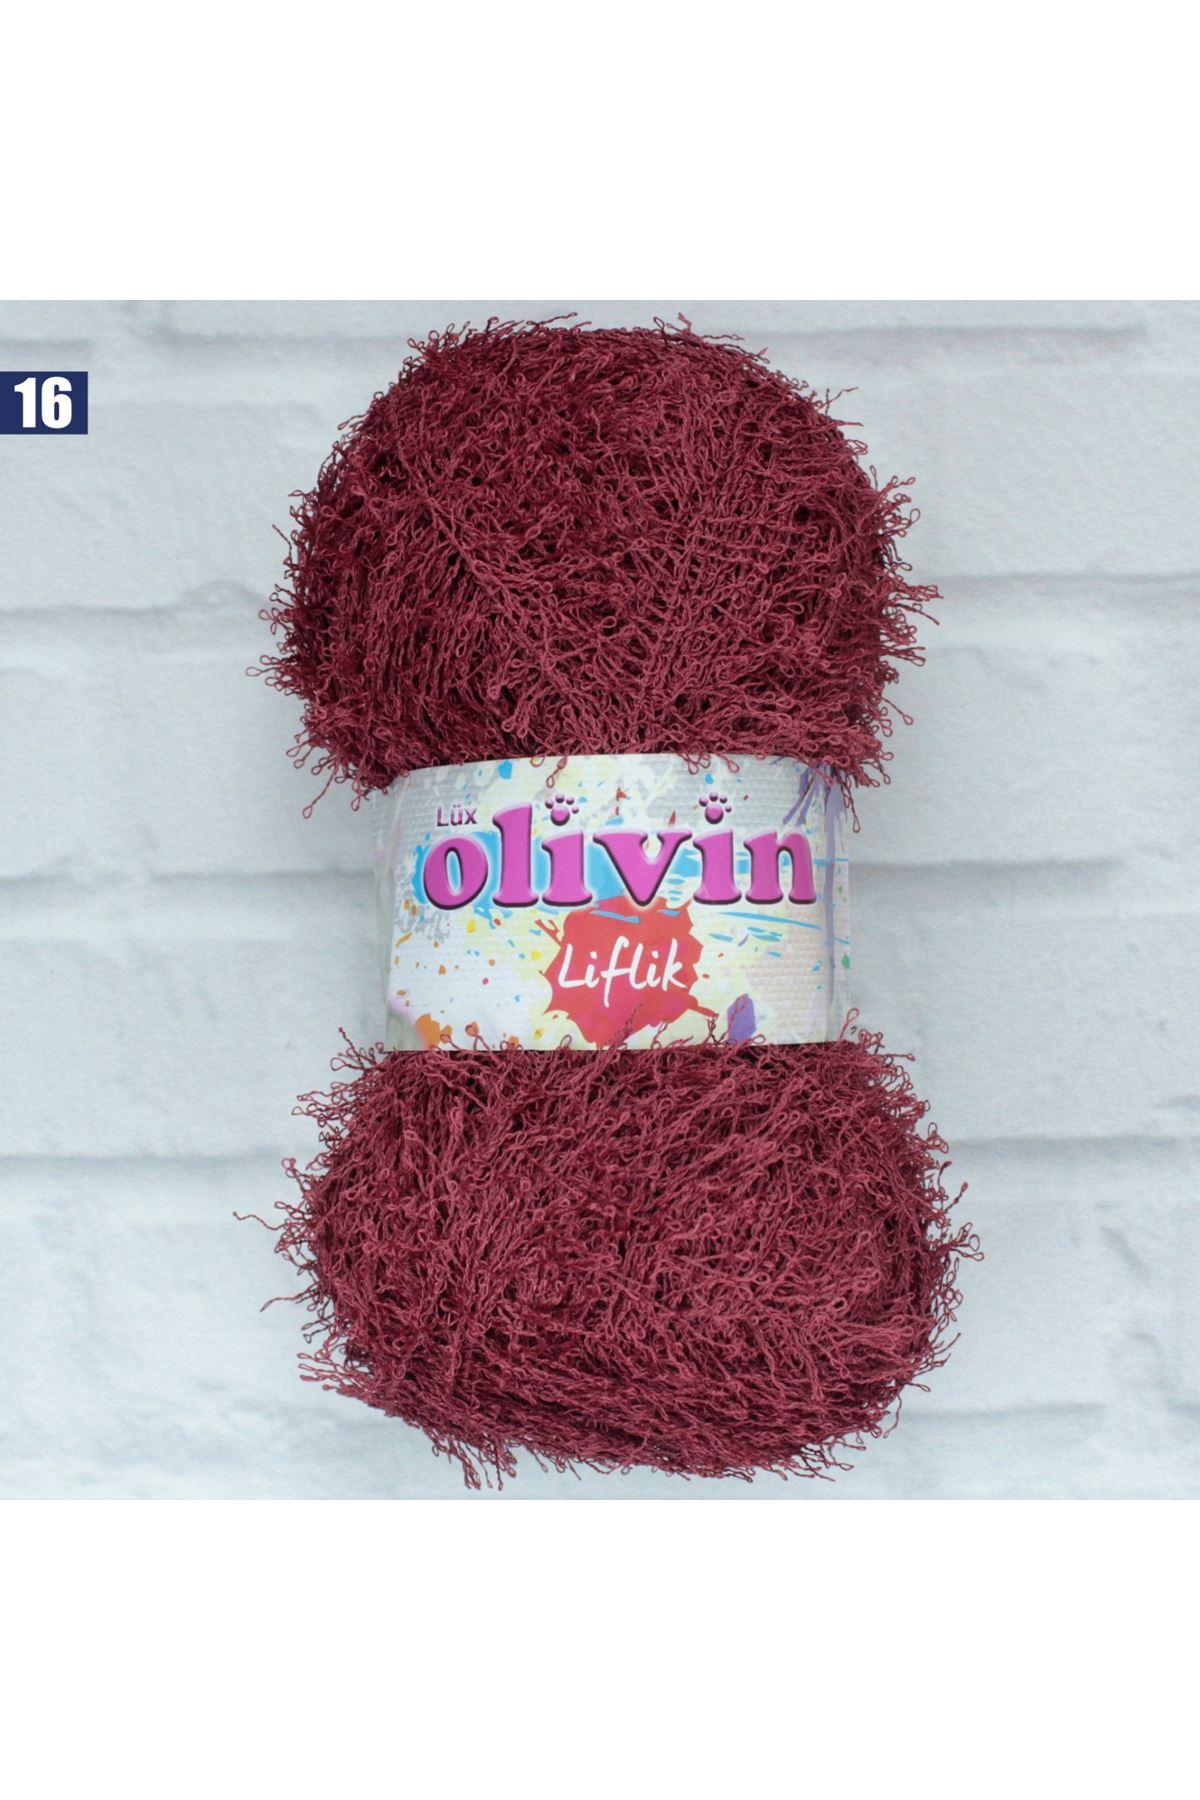 Olivin Liflik 16